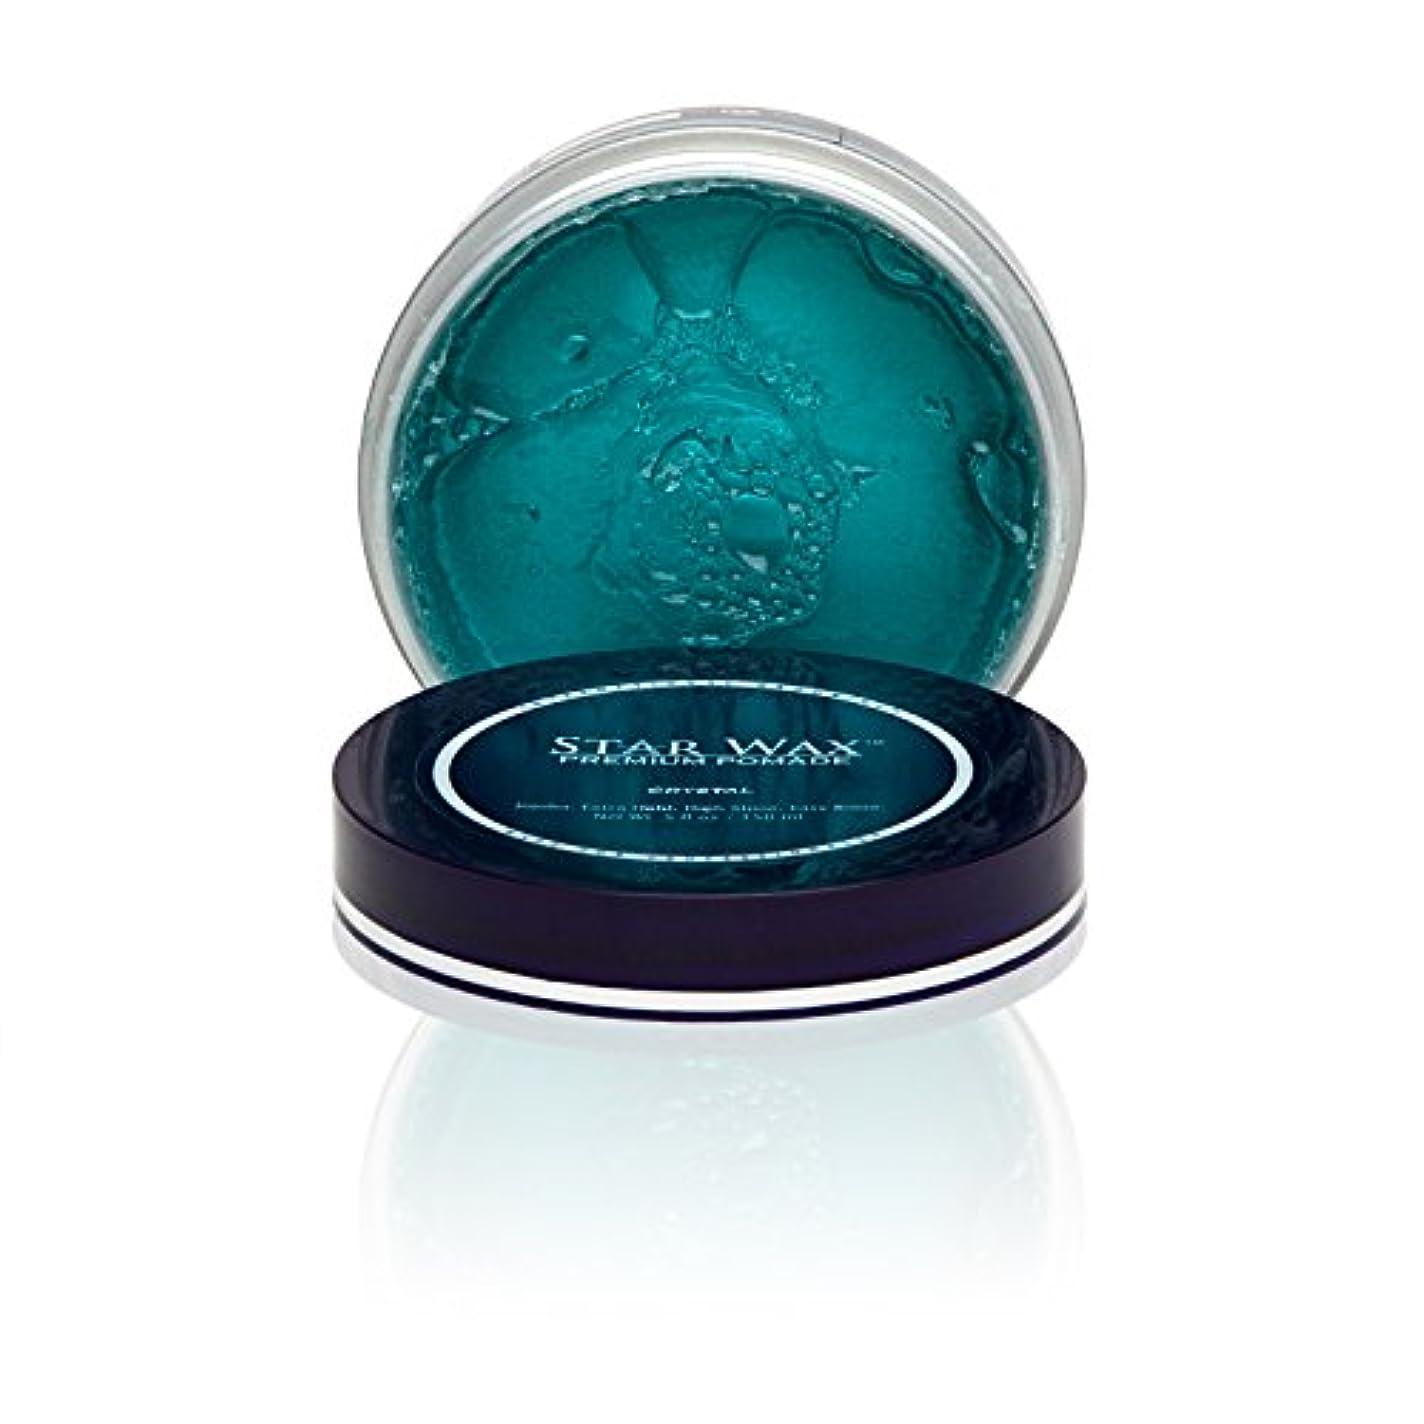 邪悪な覗くボイラーStar Wax | Premium Pomade, Crystal(スターワックスプレミアム ポマード「クリスタル」)?Star Pro Line(スタープロライン)製?5(液量)オンス/150ml